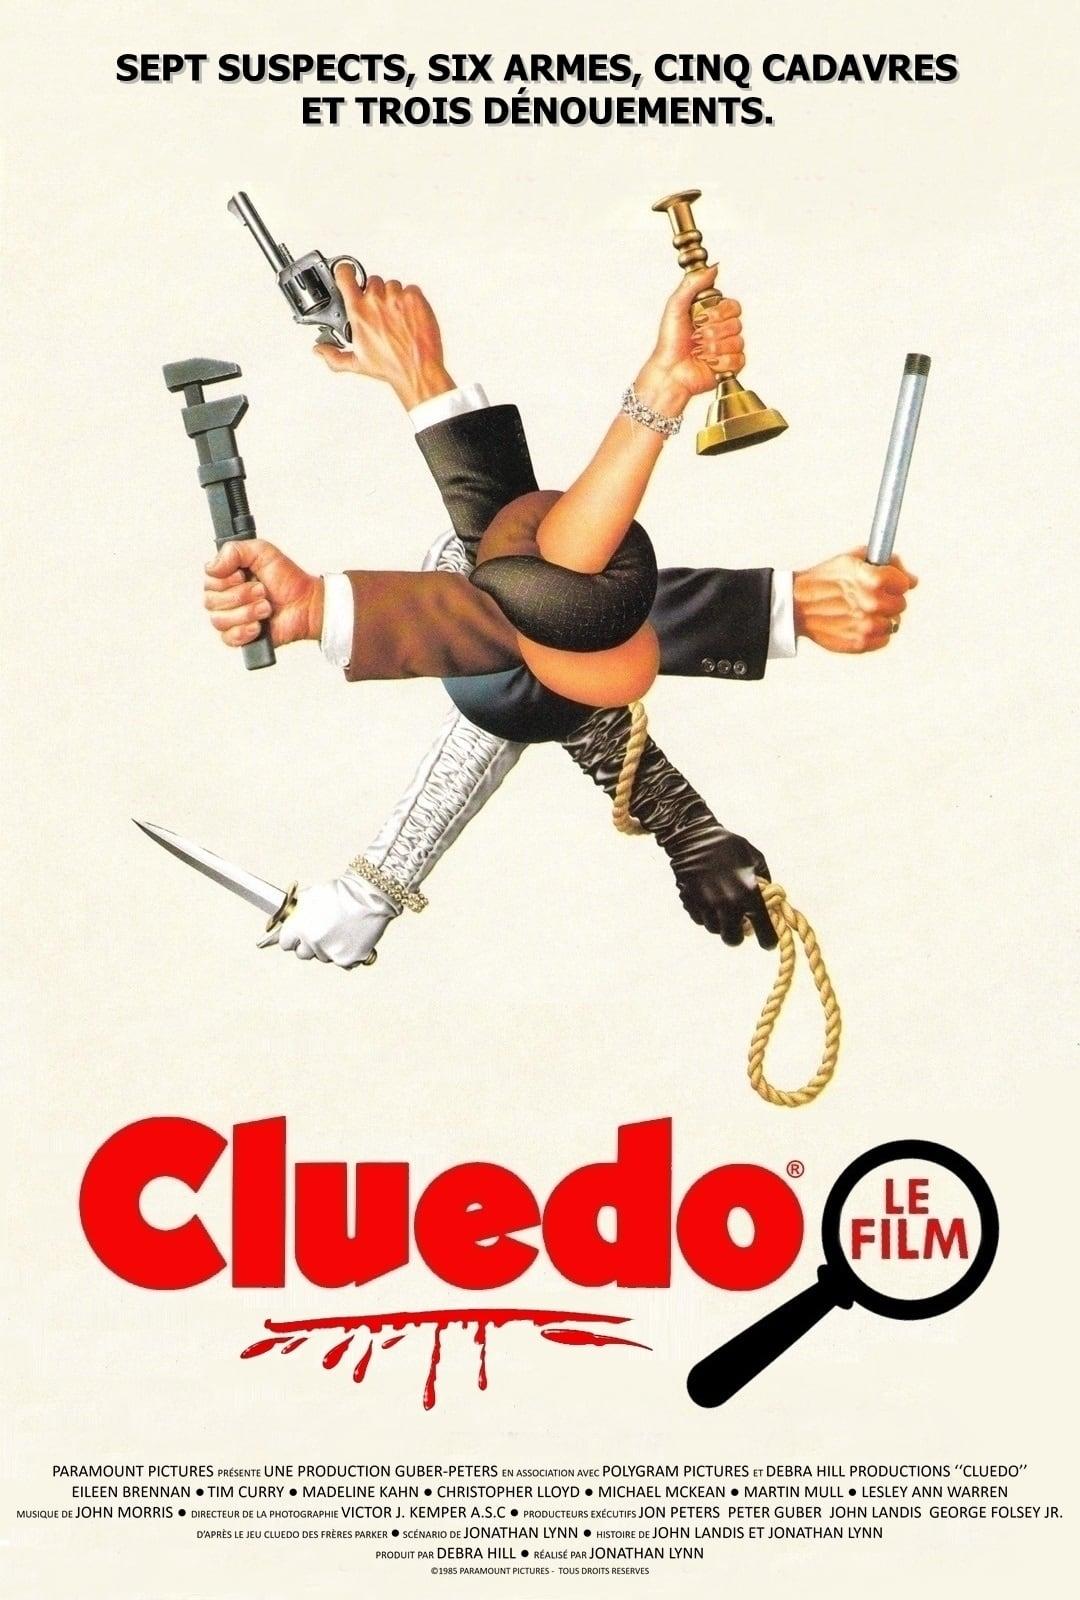 affiche du film Cluedo